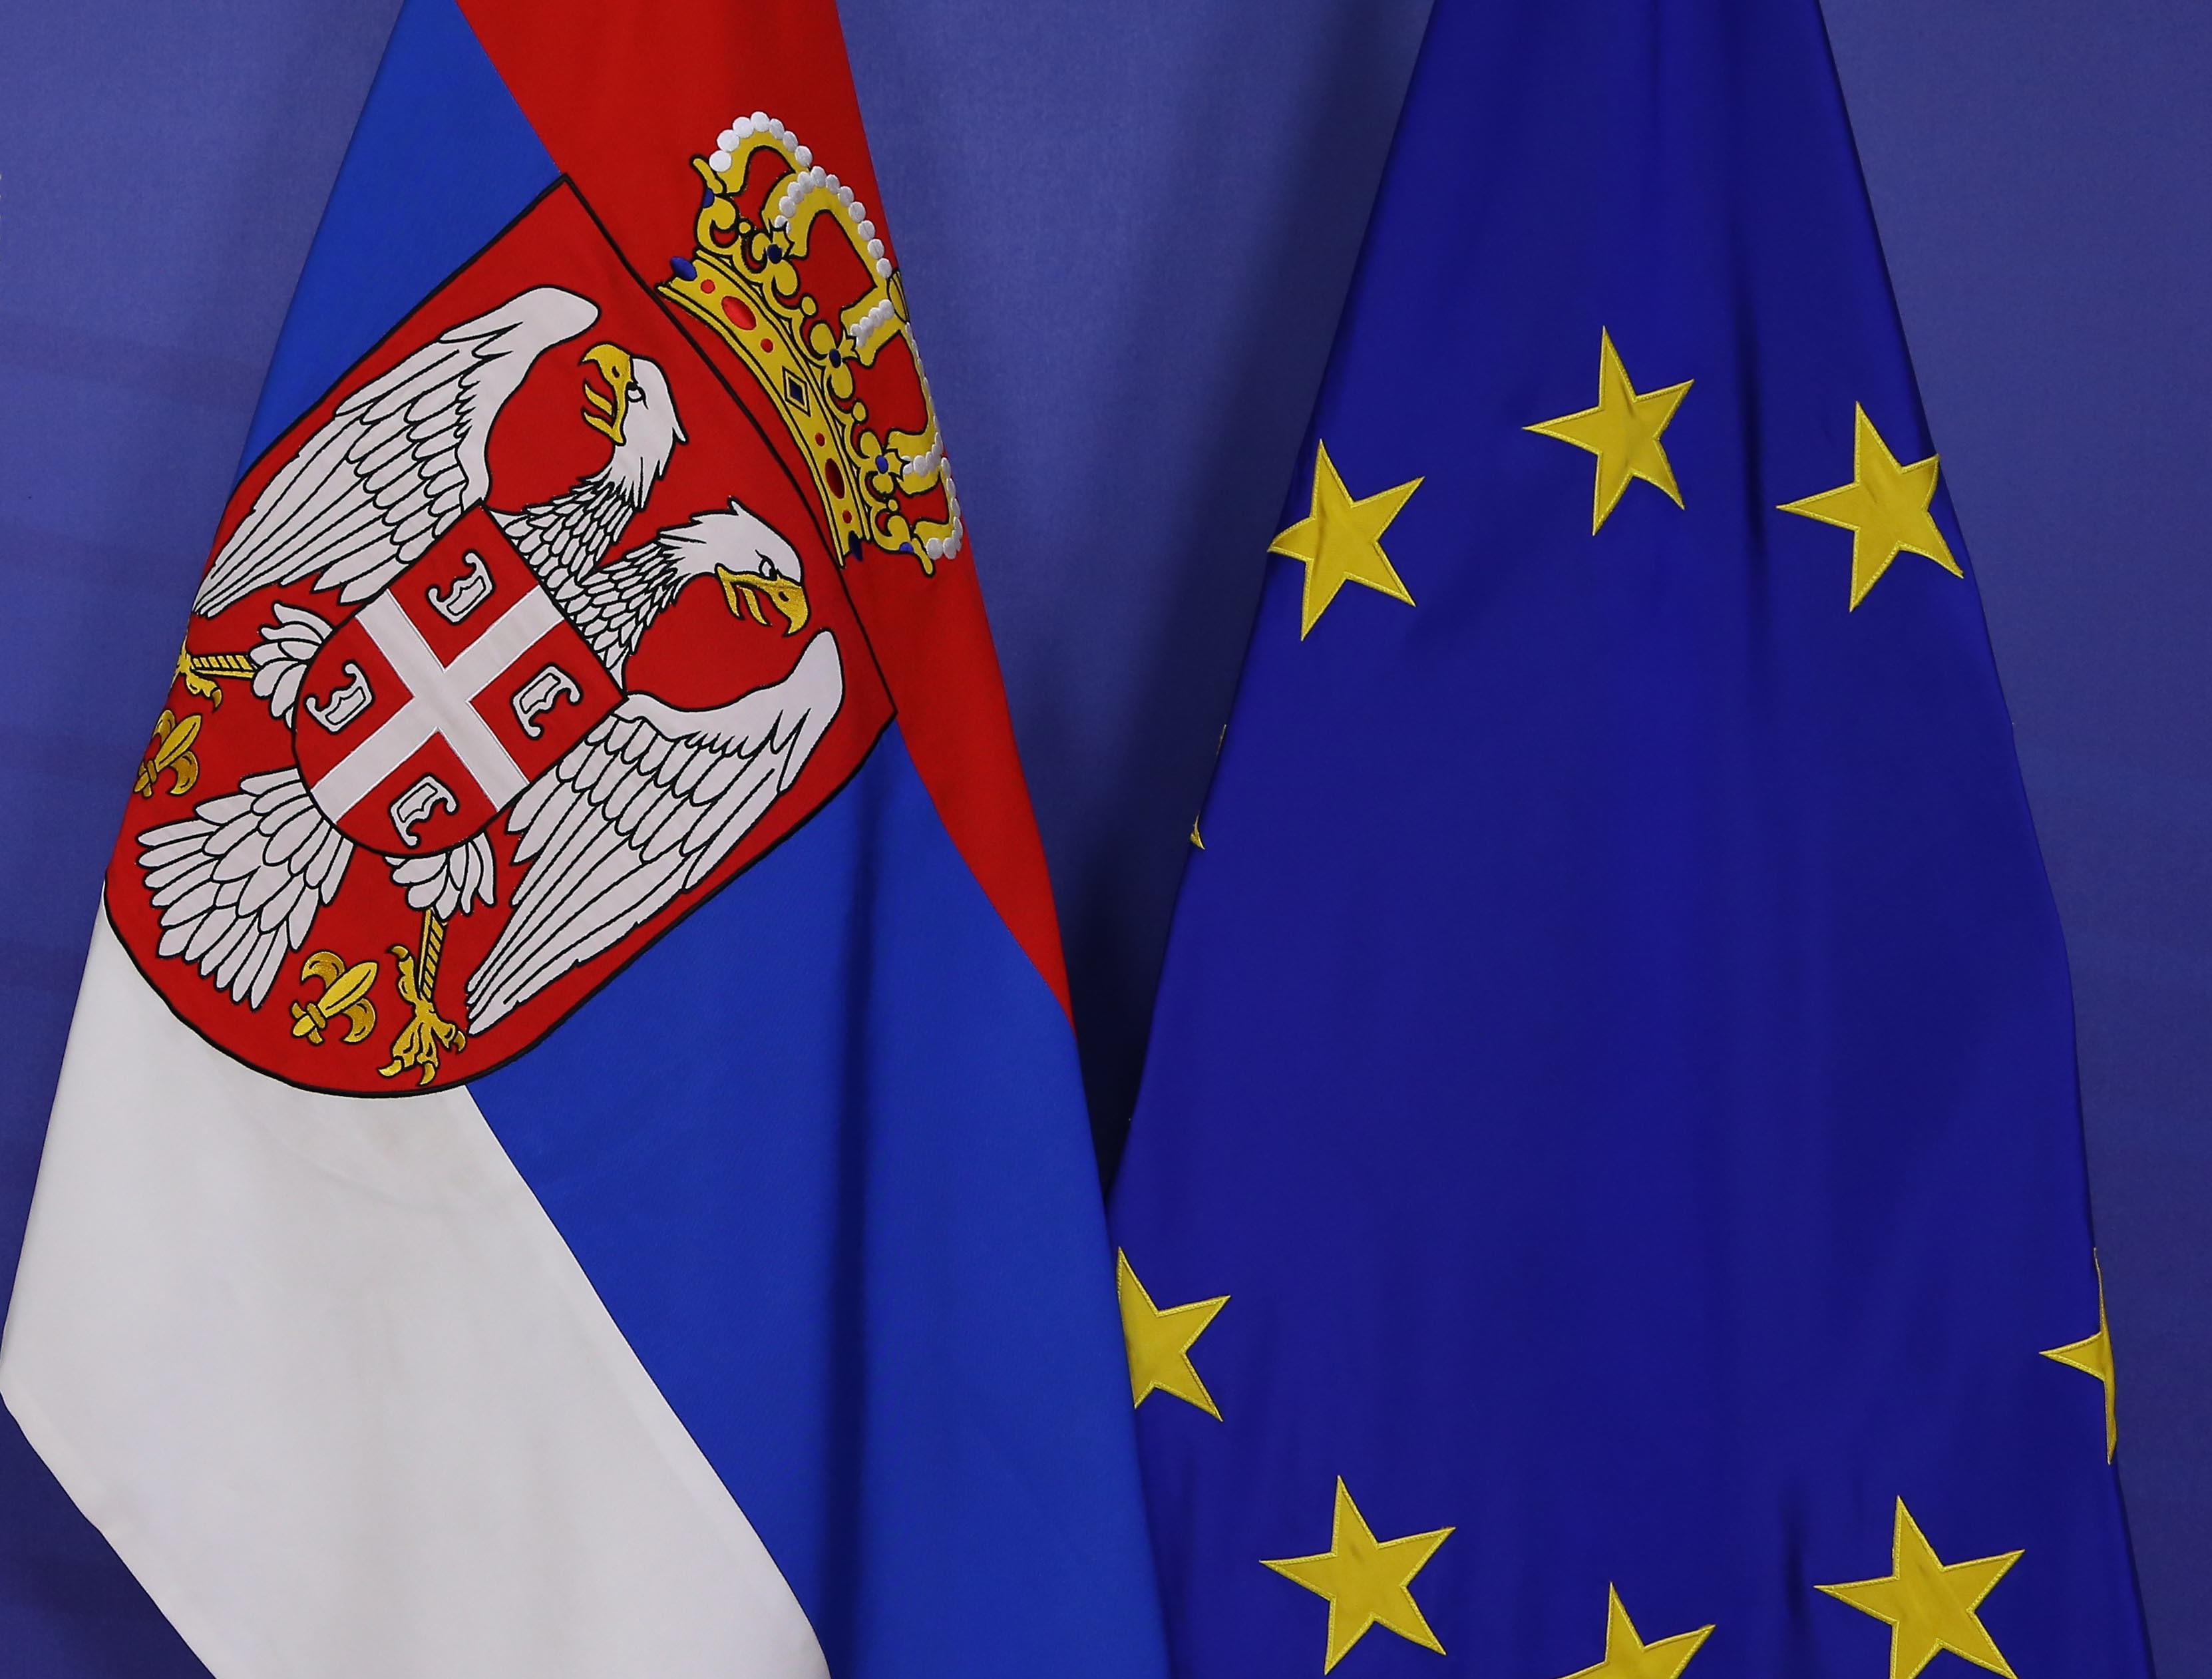 Chiar dacă va compromite aderarea la UE, Serbia este hotărâtă să nu recunoască statul Kosovo